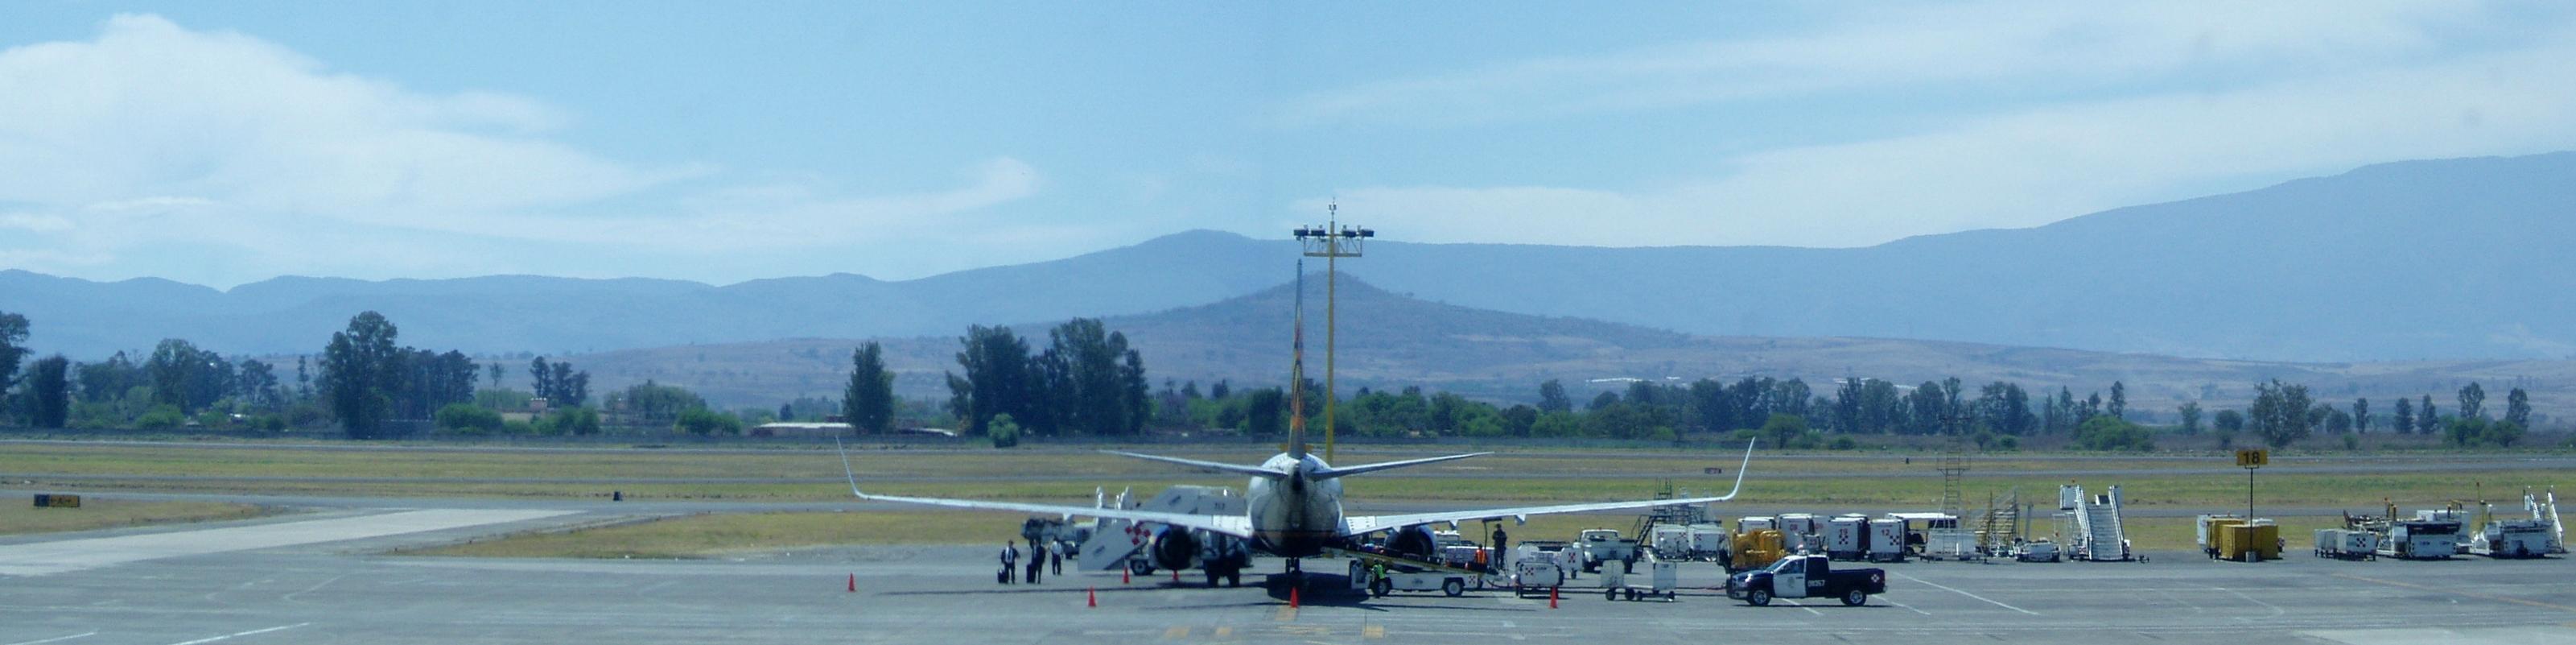 Airport In Guadalajara Car Ental